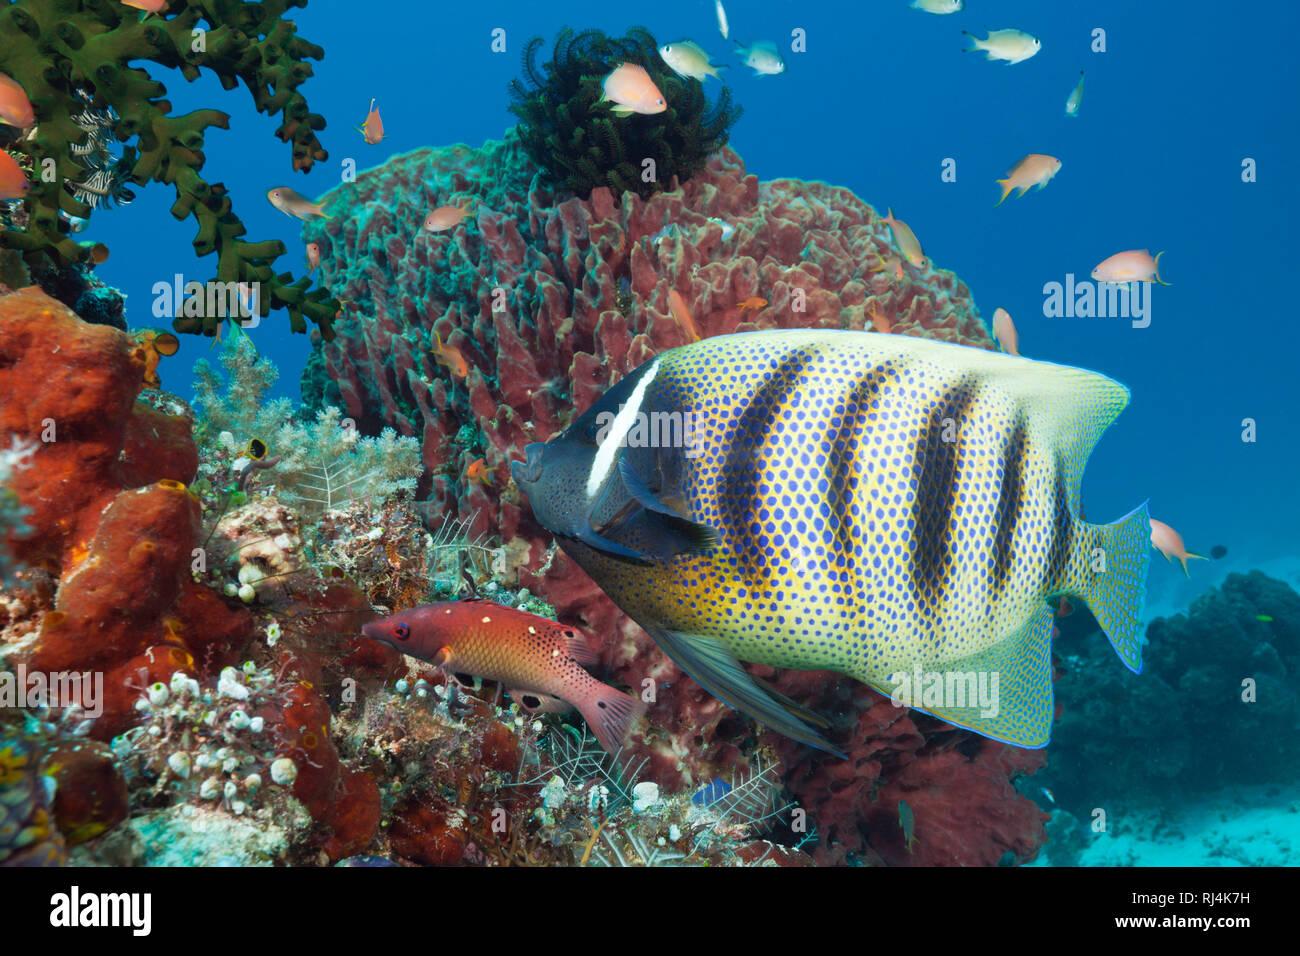 Sechsbinden-Kaiserfisch, Pomacanthus sexstriatus, Komodo Nationalpark, Indonesien - Stock Image